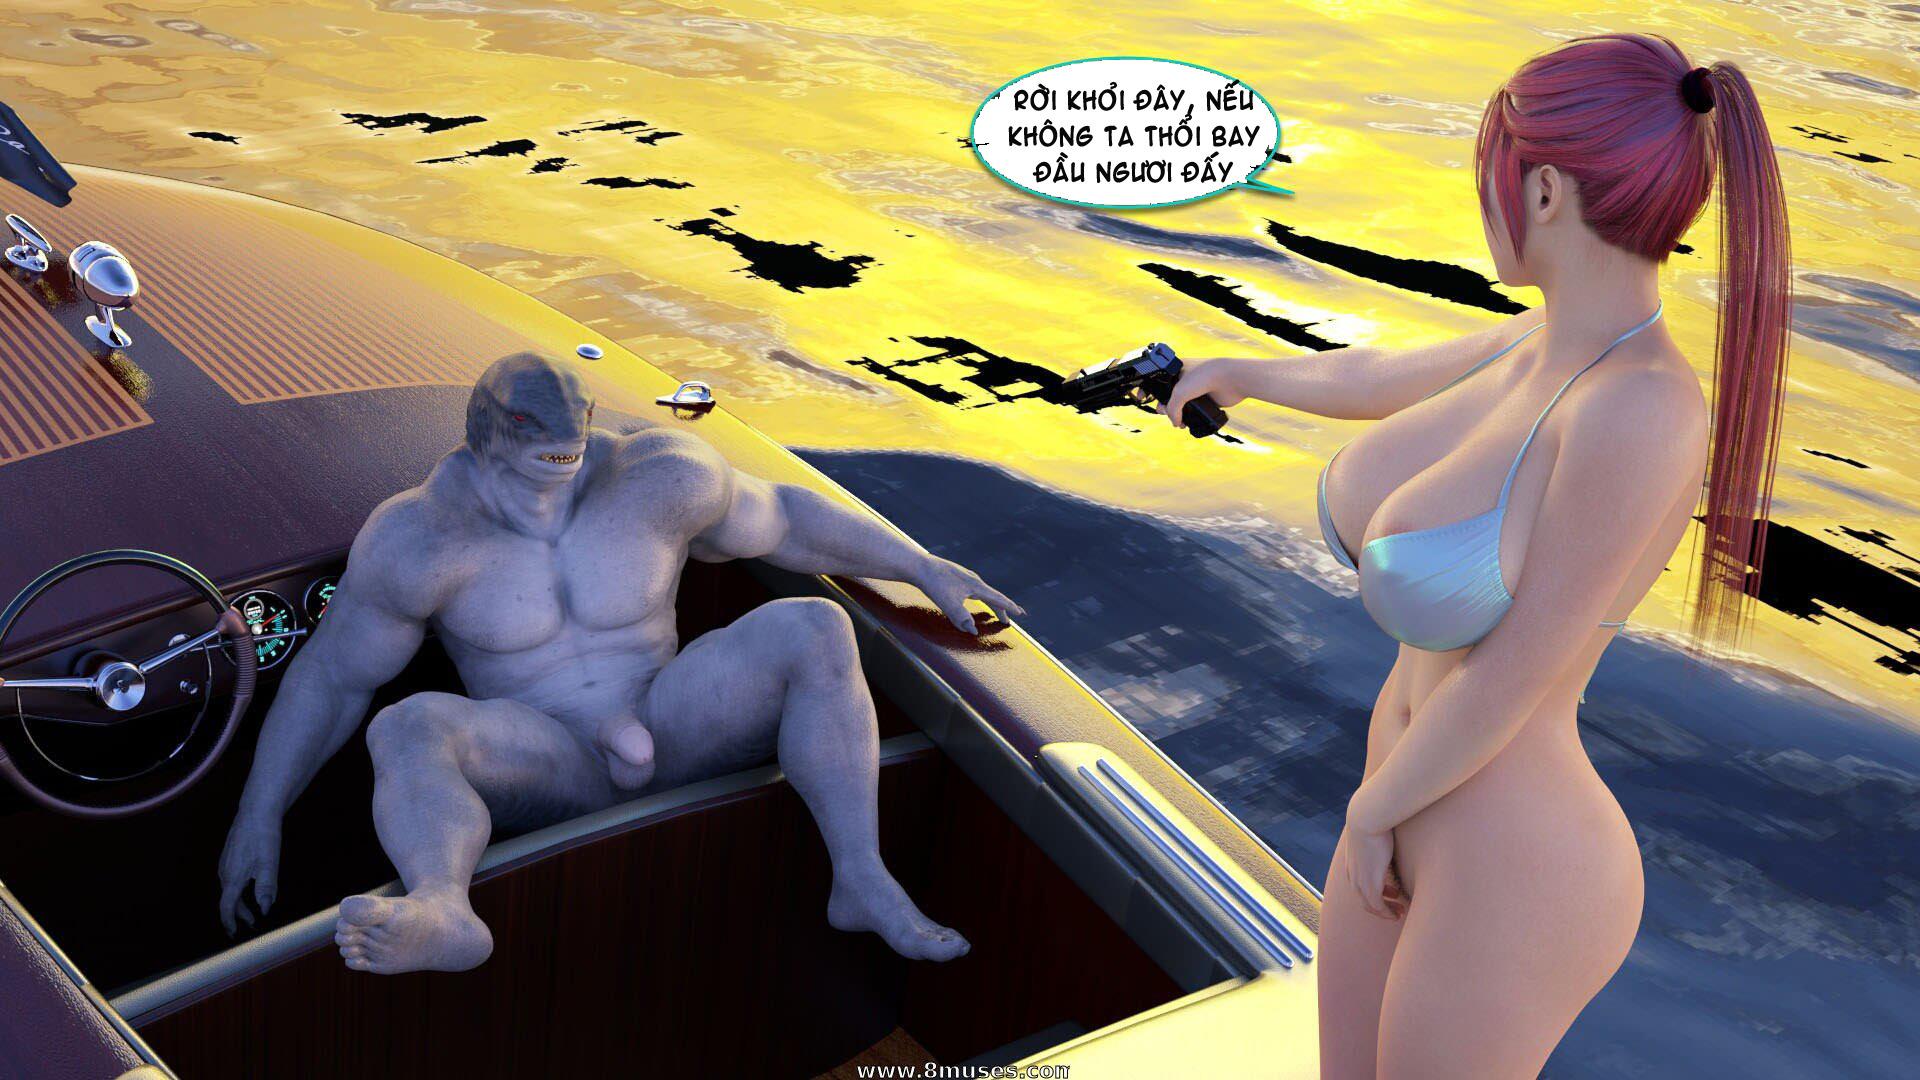 Image 15 in Komik Sex 3G Istri Selingkuh Dengan Rekan Kerja